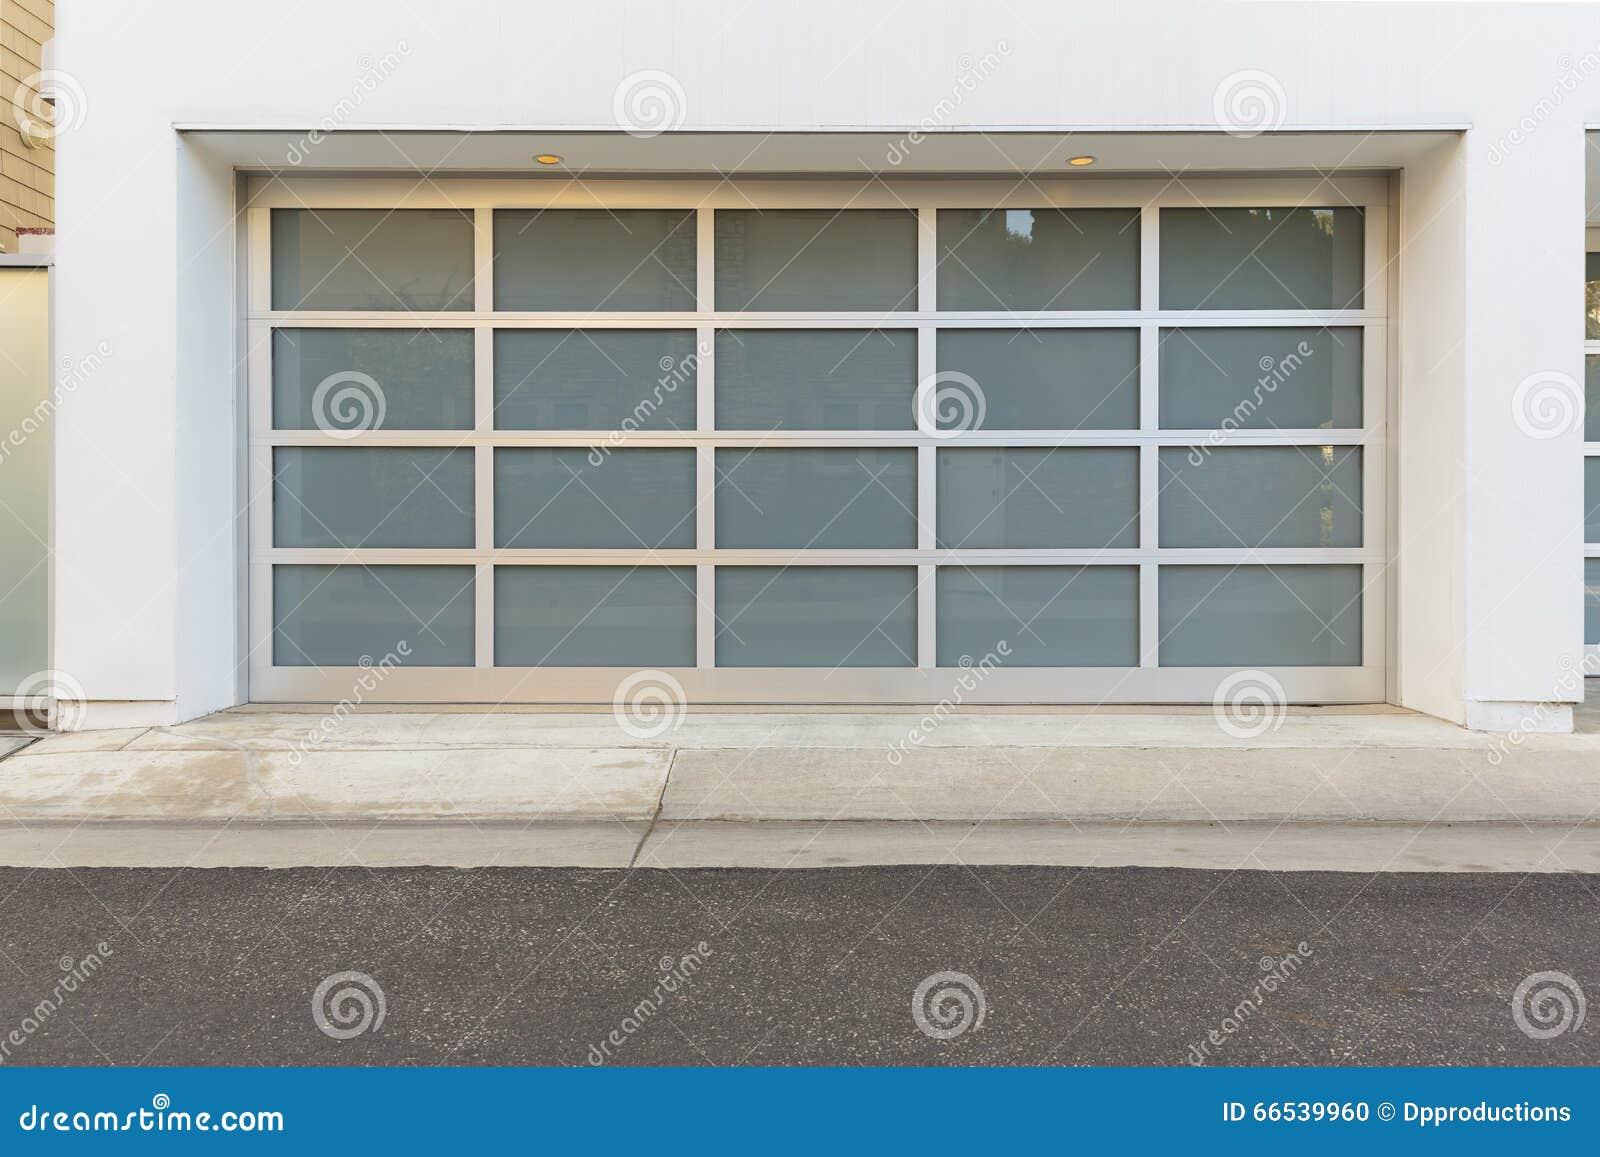 186 Puerta Del Garaje Con Las Ventanas Fotos Libres De Derechos Y Gratuitas De Dreamstime